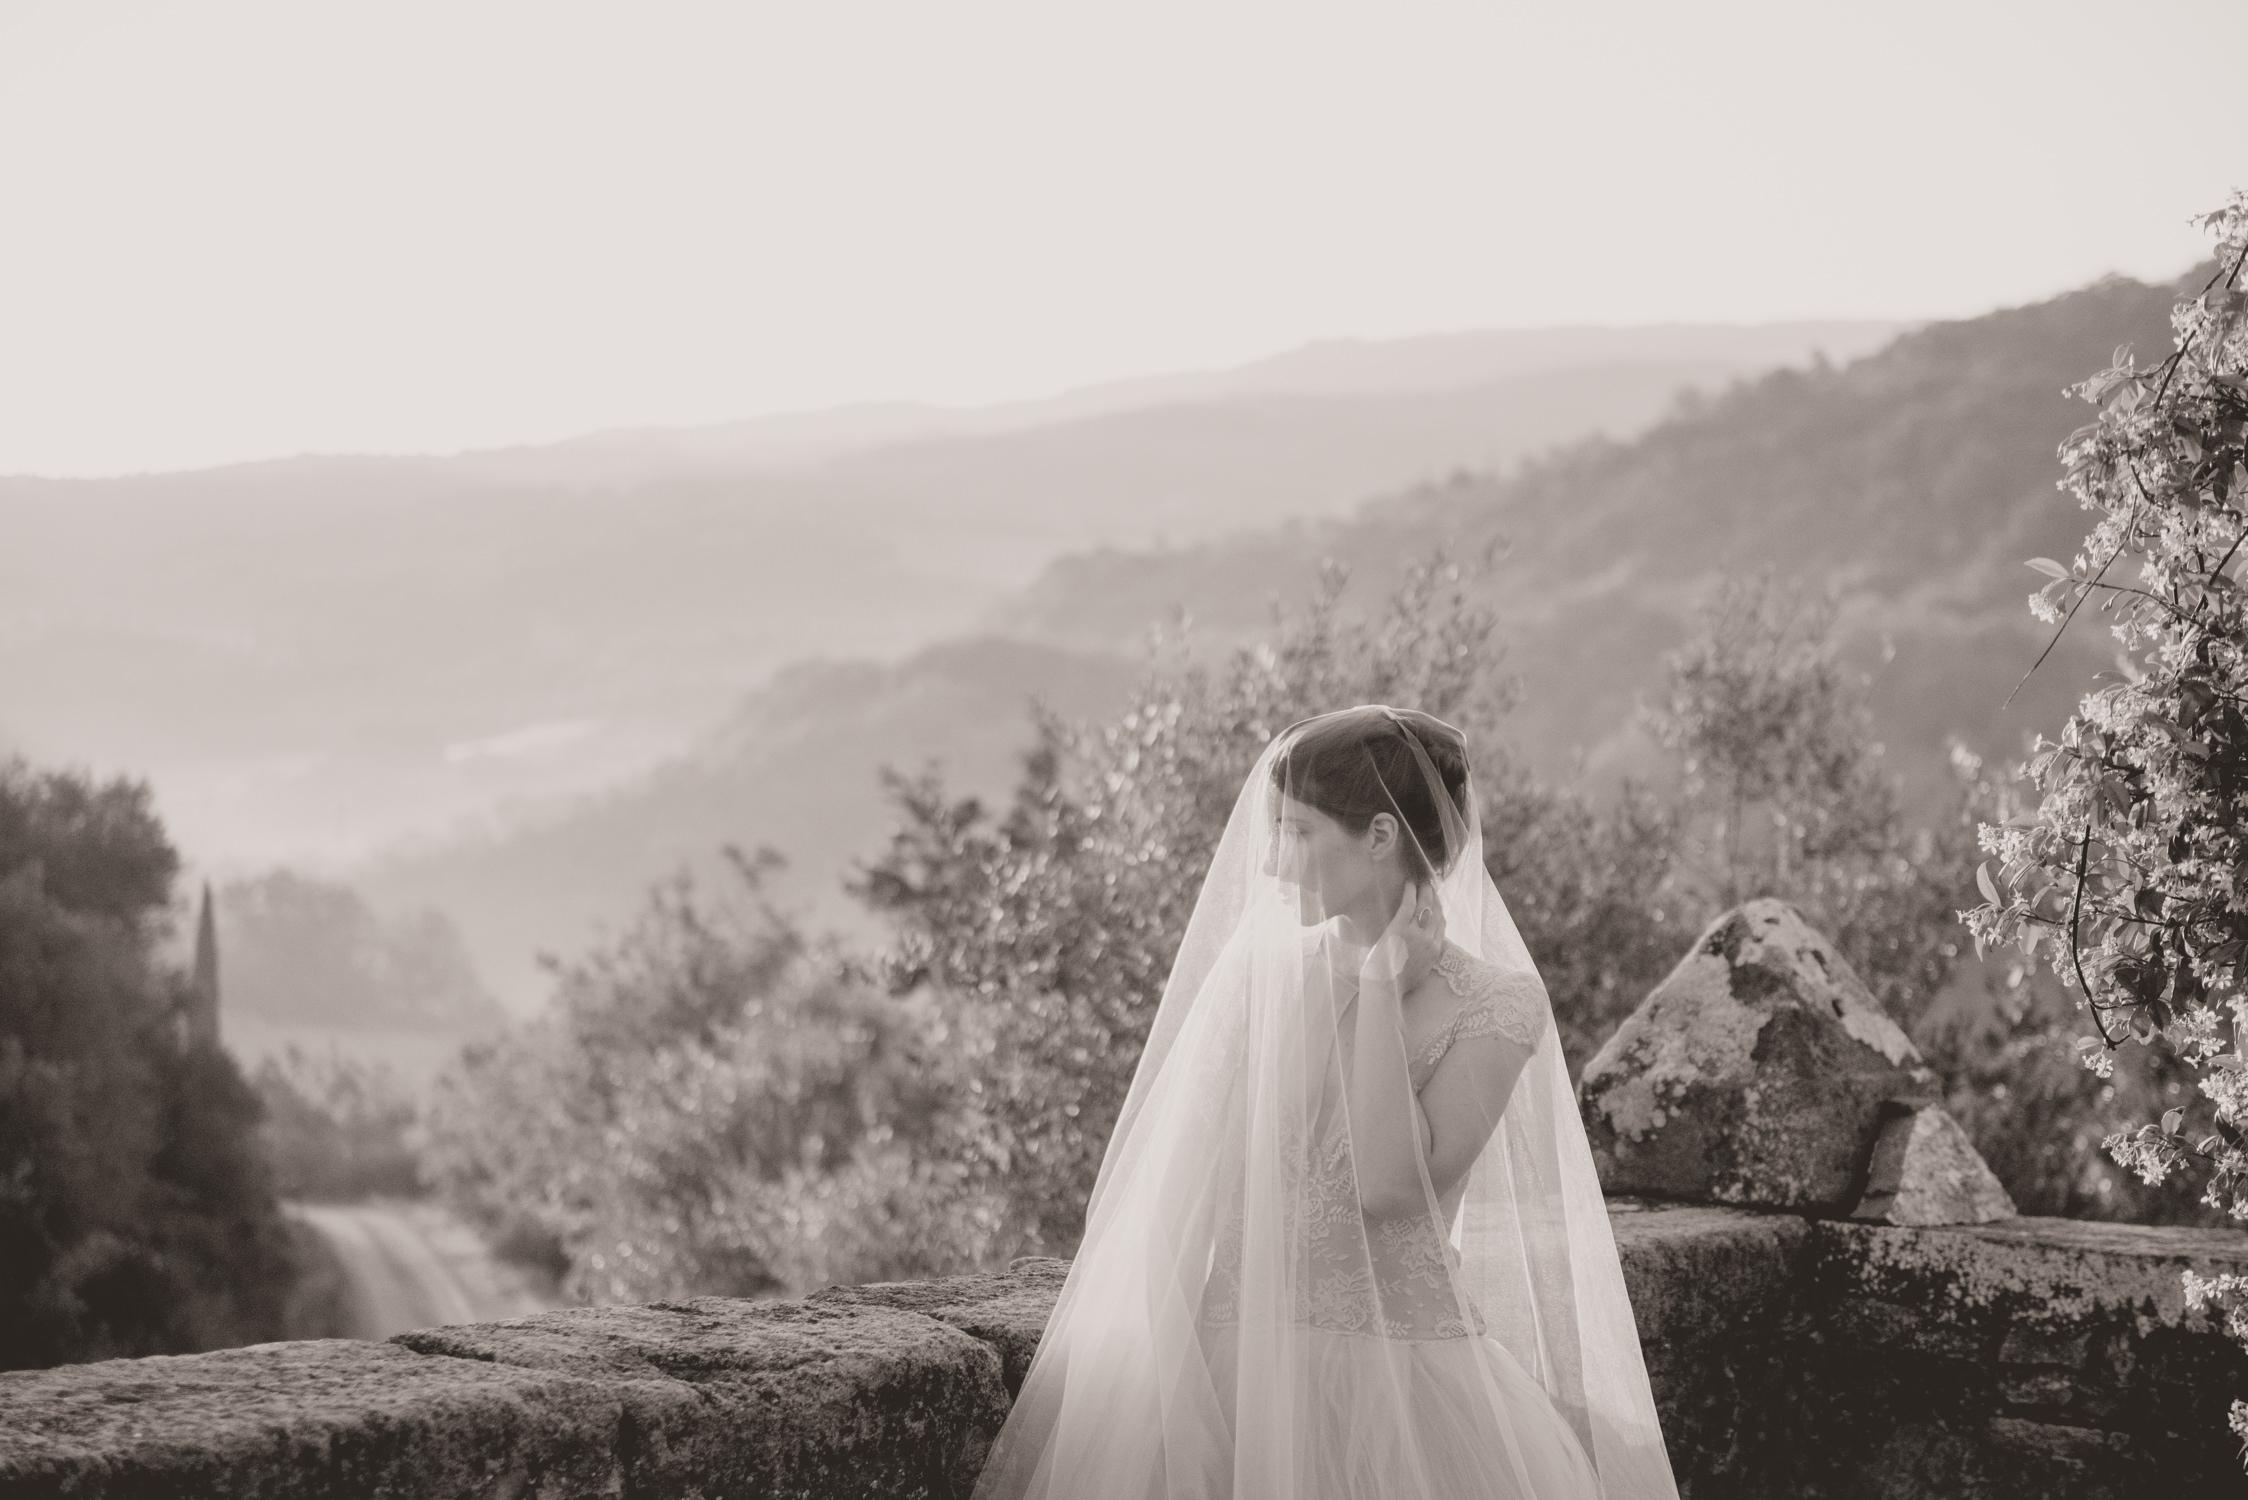 Een bruid geniet van een Toscaans uitzicht in zwart-wit